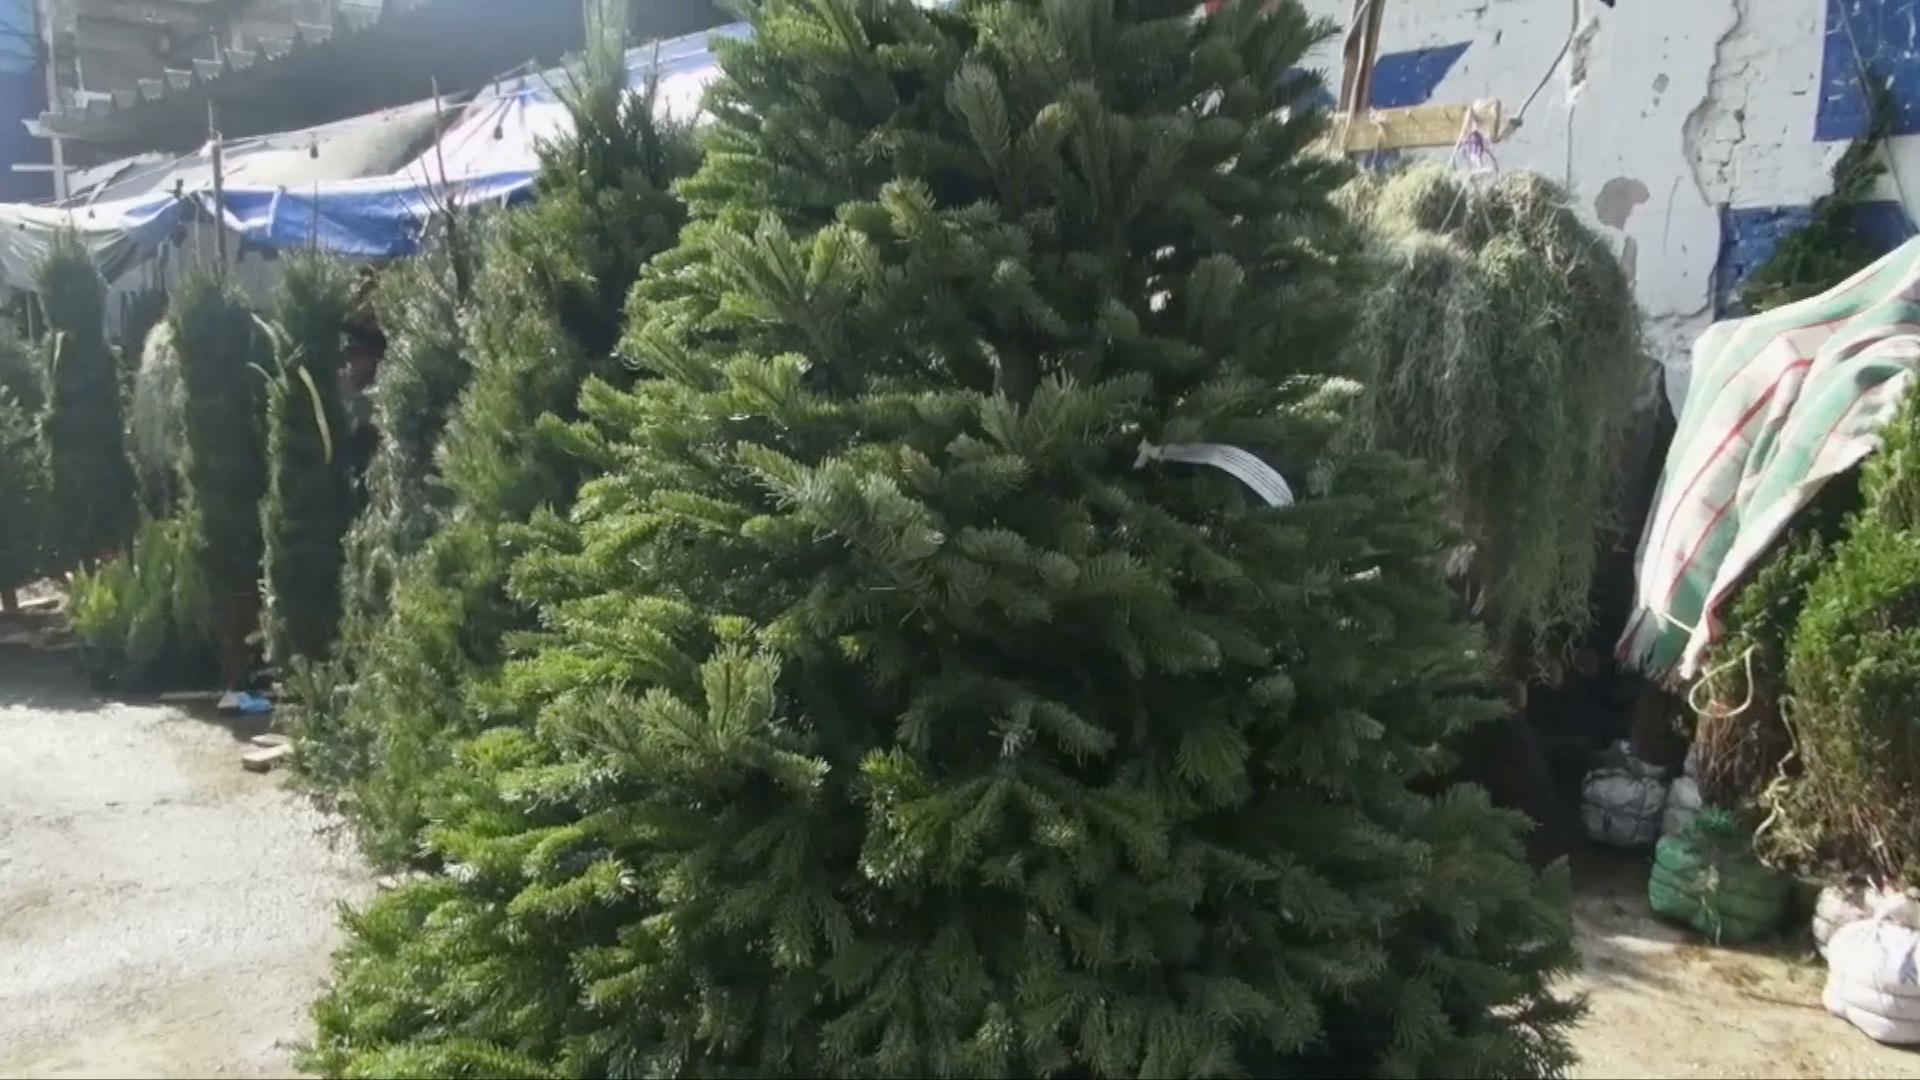 Comenzó la venta de pinos de Navidad, vendedores esperan repunte